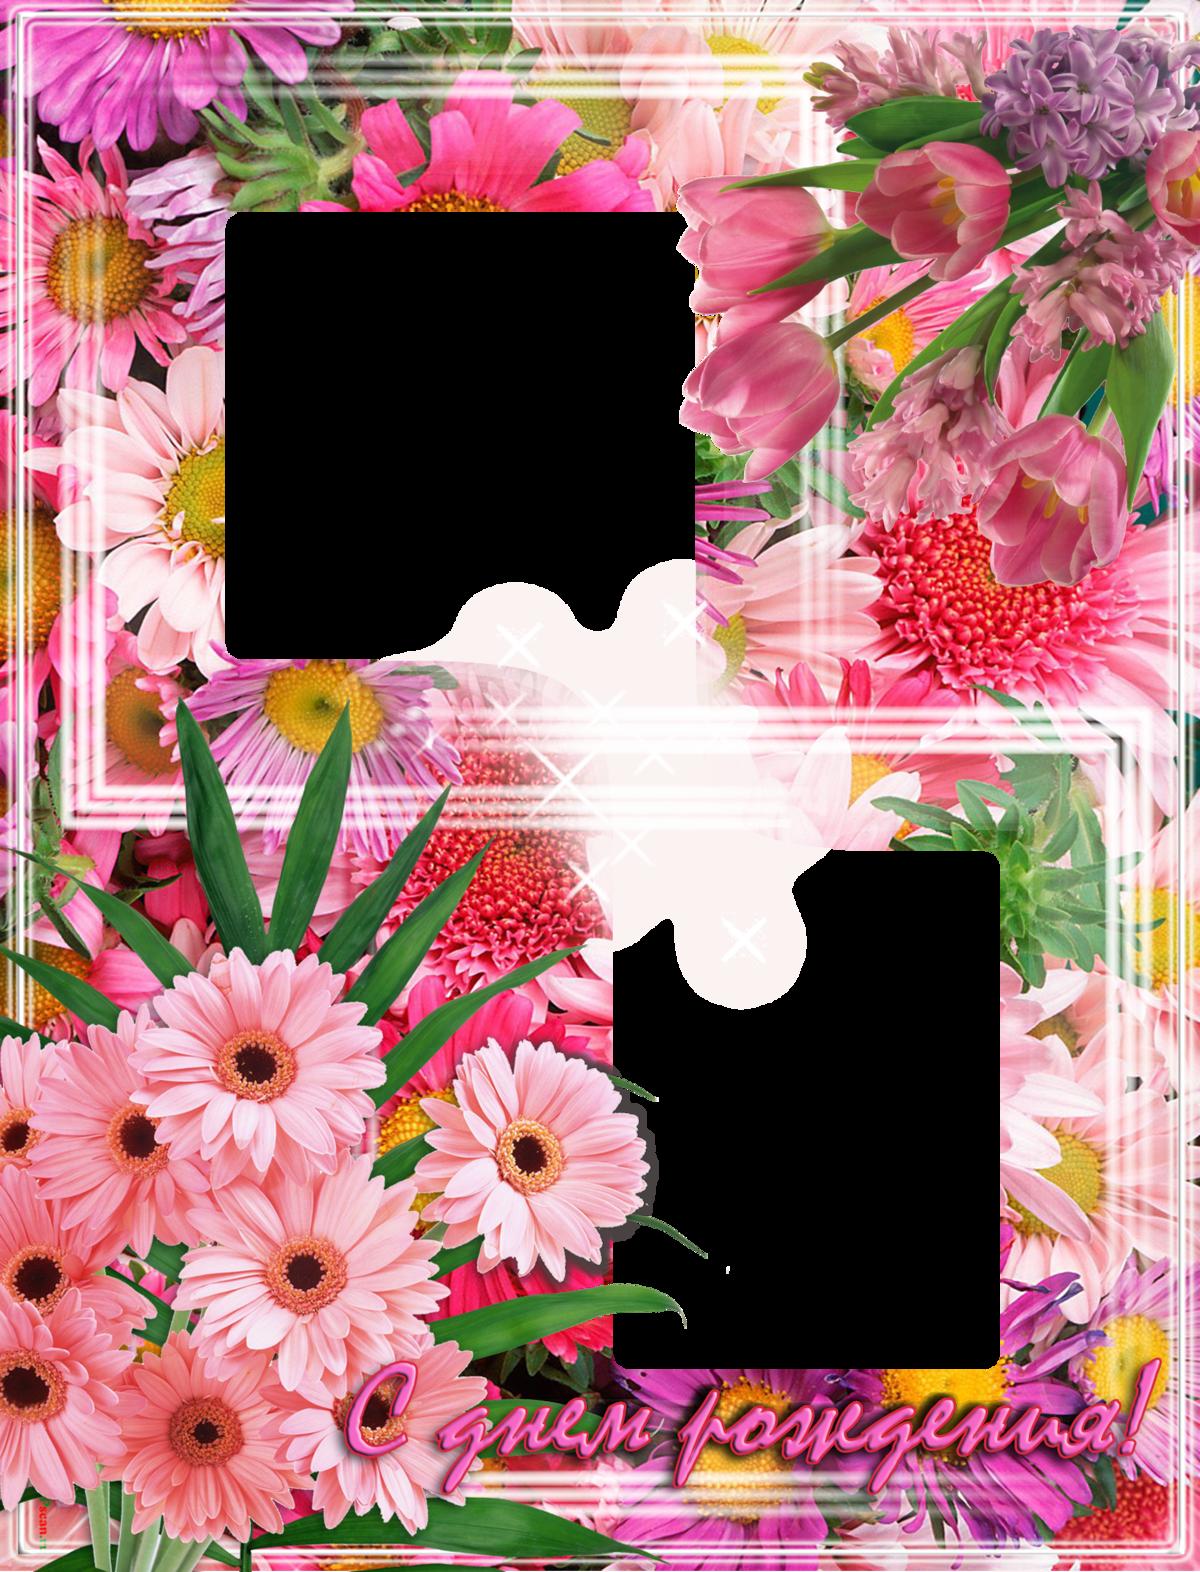 Конверт картинки, шаблон открытки с днем рождения а3